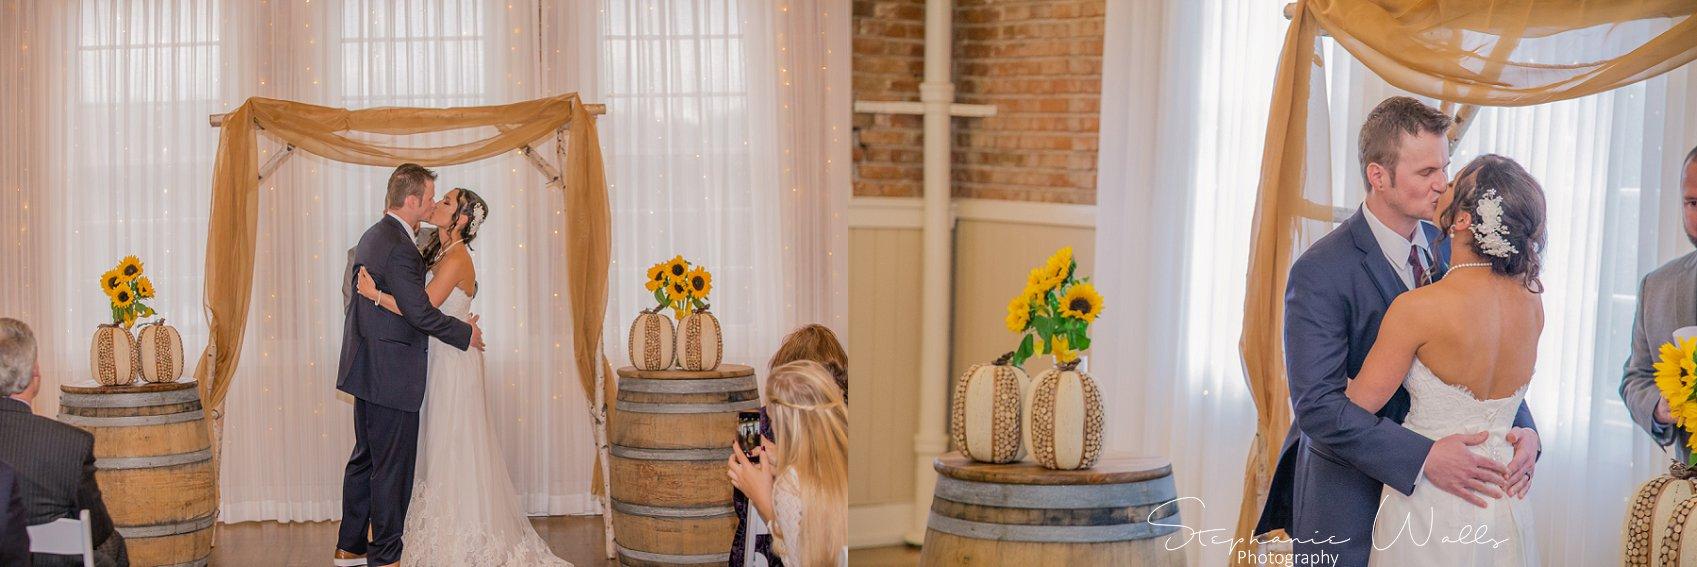 Ceremony 111 1 KK & Zack | Hollywood Schoolhouse Wedding | Woodinville, Wa Wedding Photographer